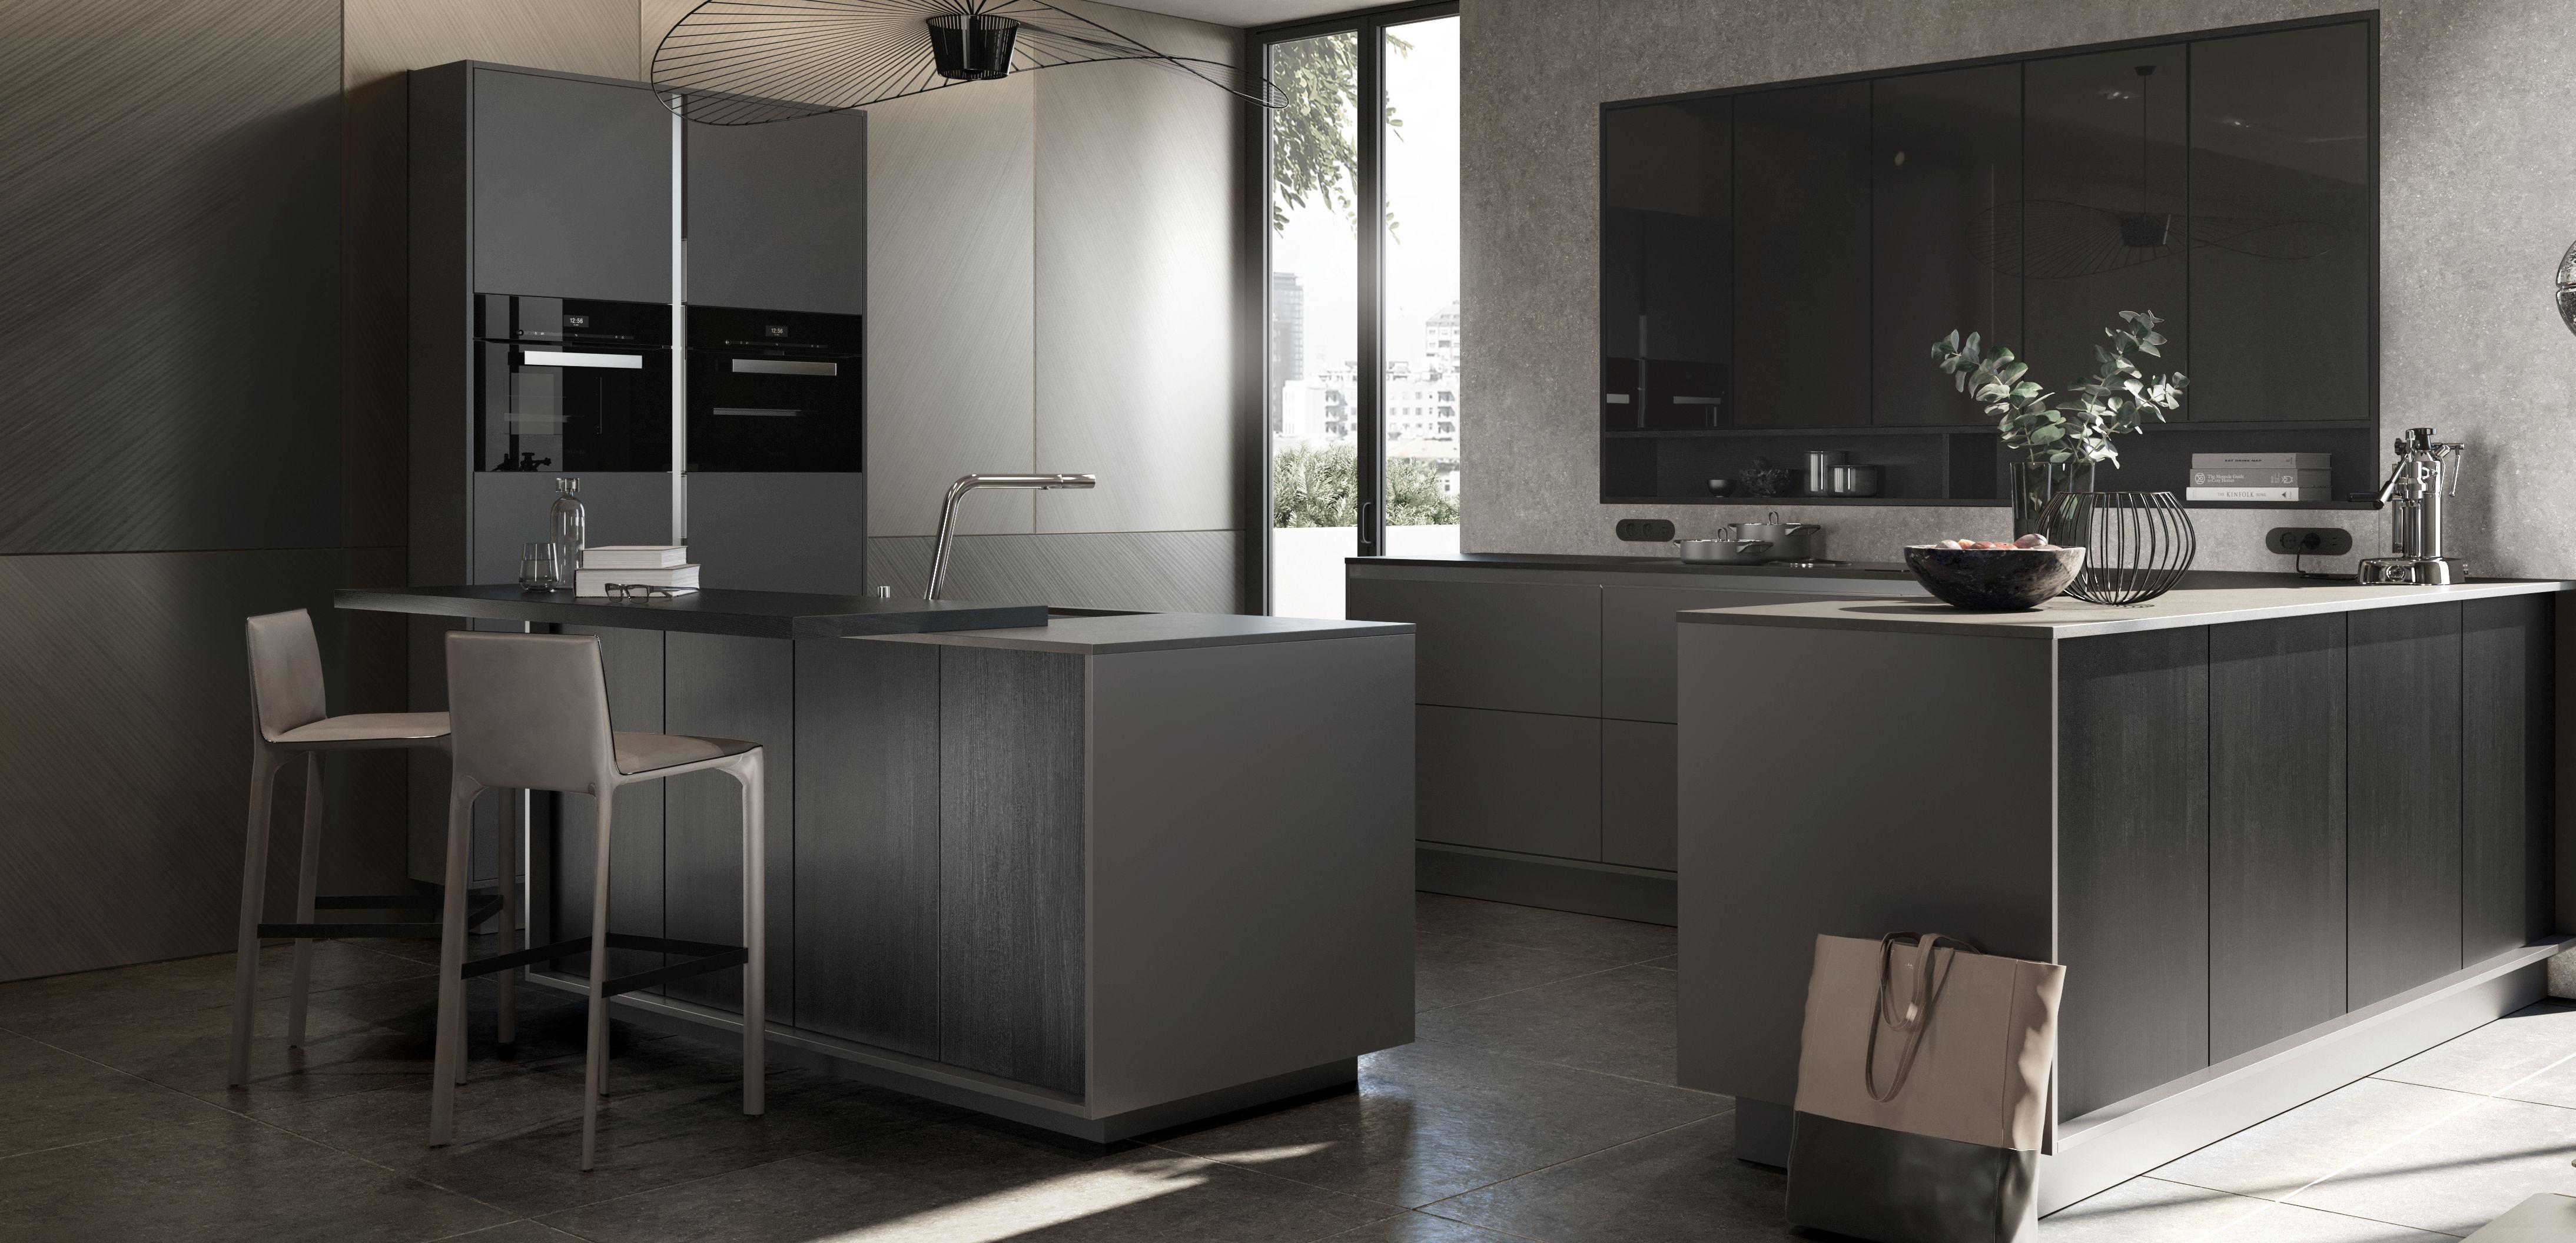 M R Kitchen Design, Kitchen Furniture, Chalfont Saint